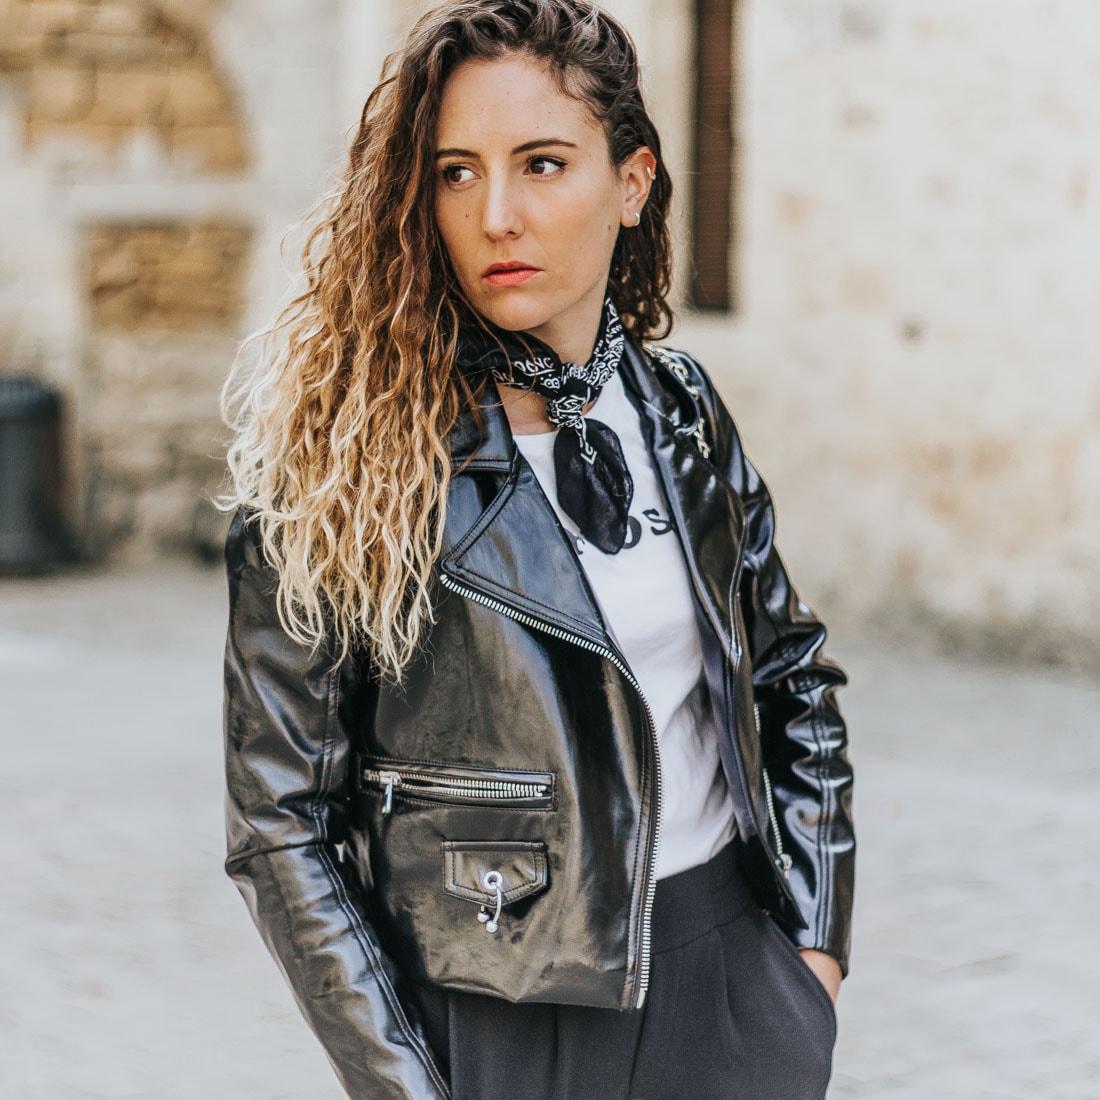 PANTALON À BANDES, PERFECTO EN VINYLE, BLOG MODE